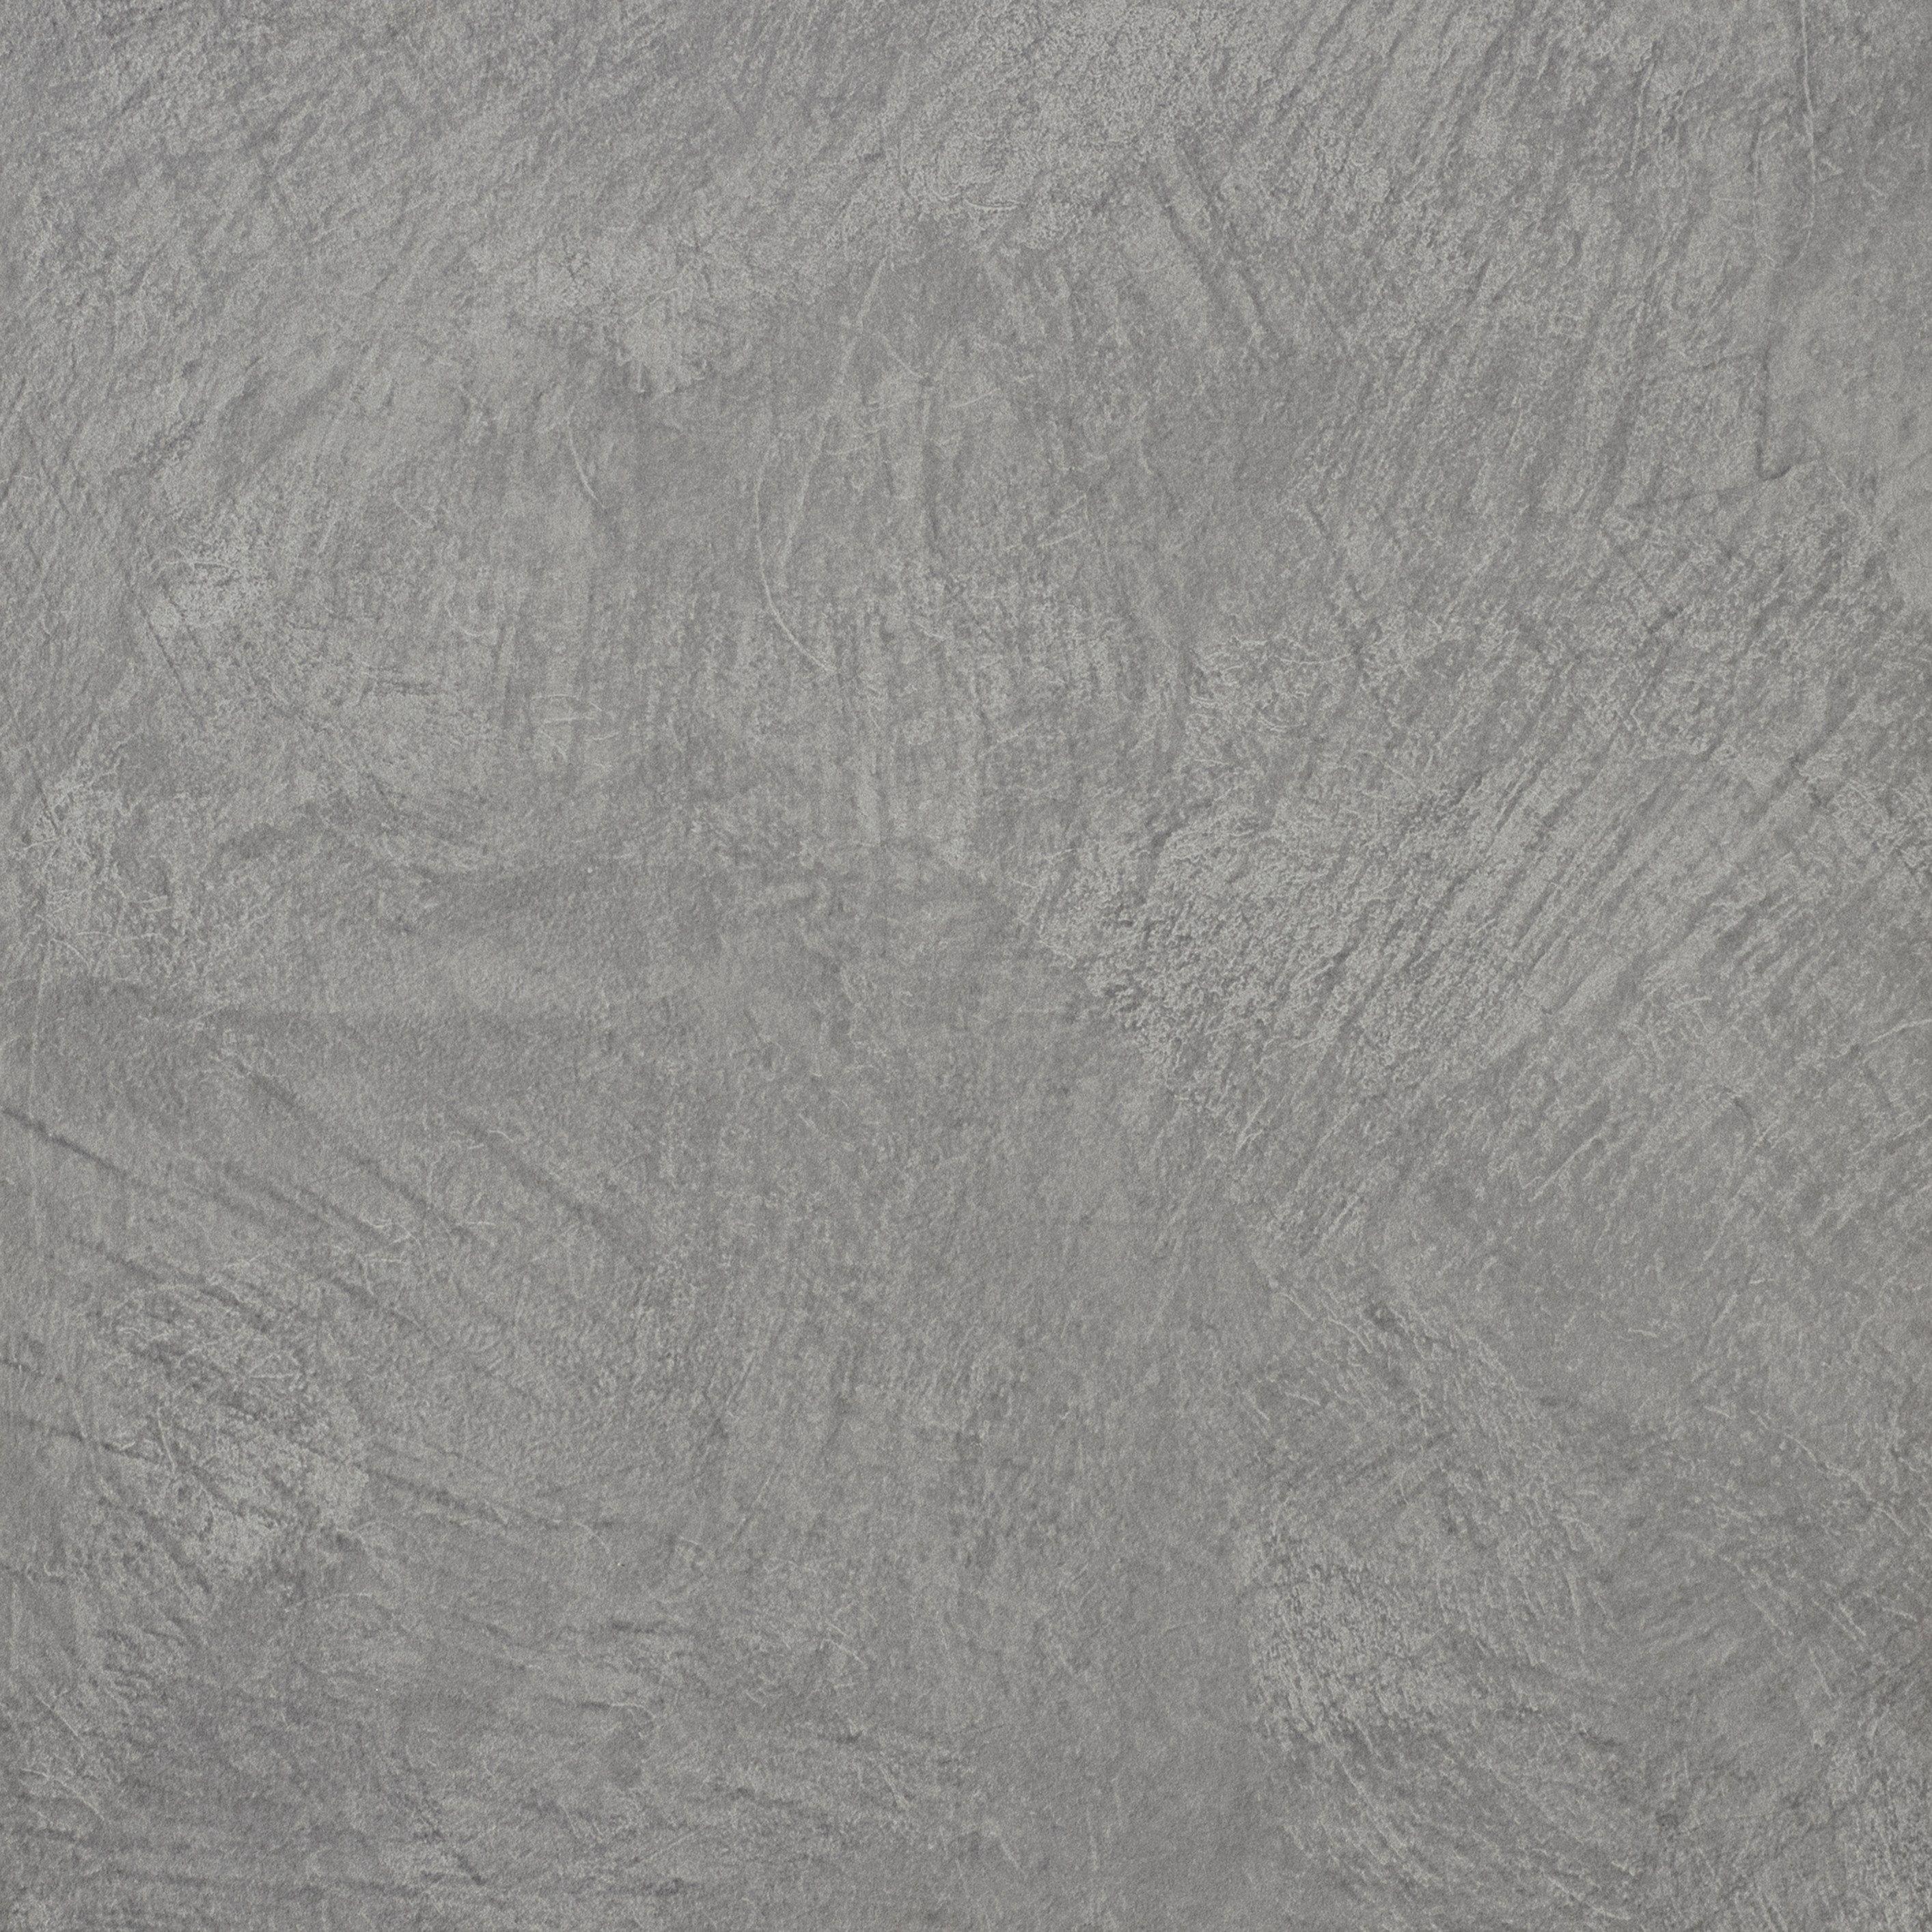 Mattonelle bagno texture duylinh for for Carrelage exterieur texture